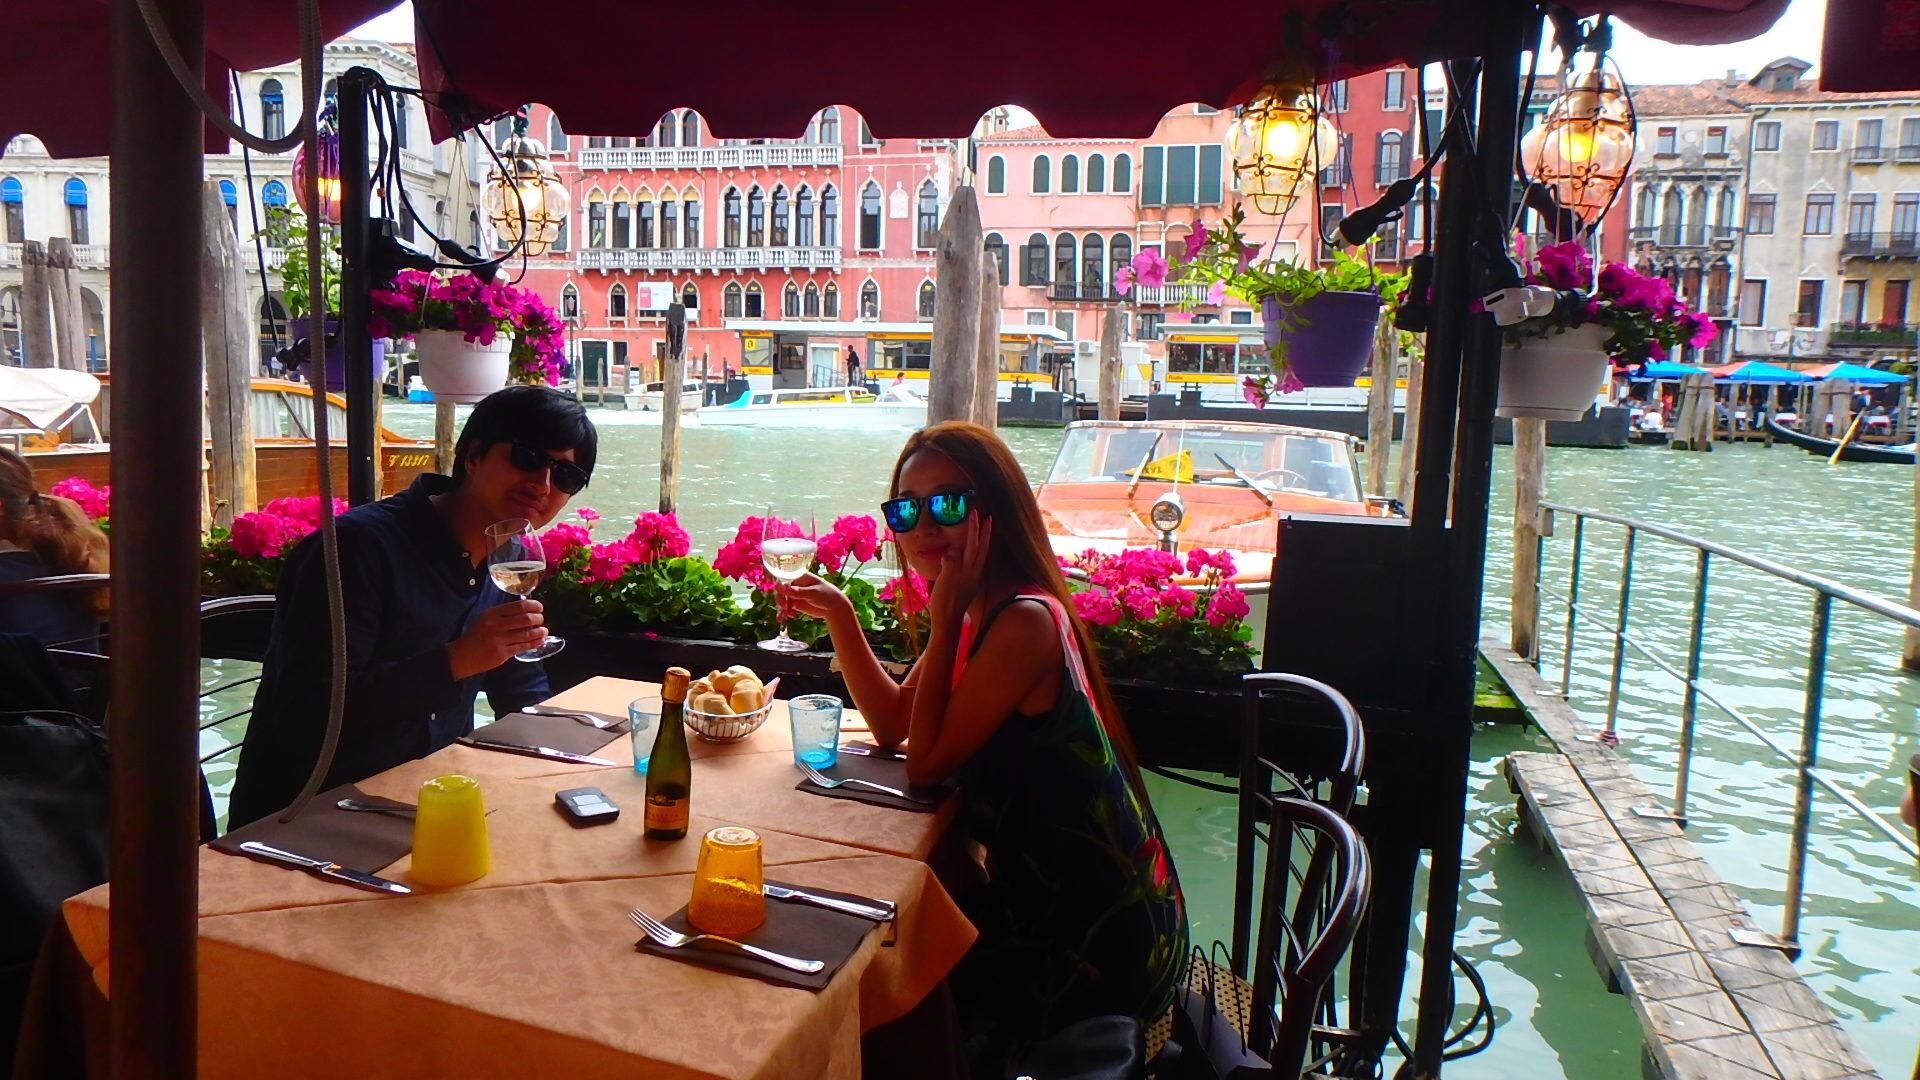 ヴェネチア テラス席のあるお洒落なカフェレストラン